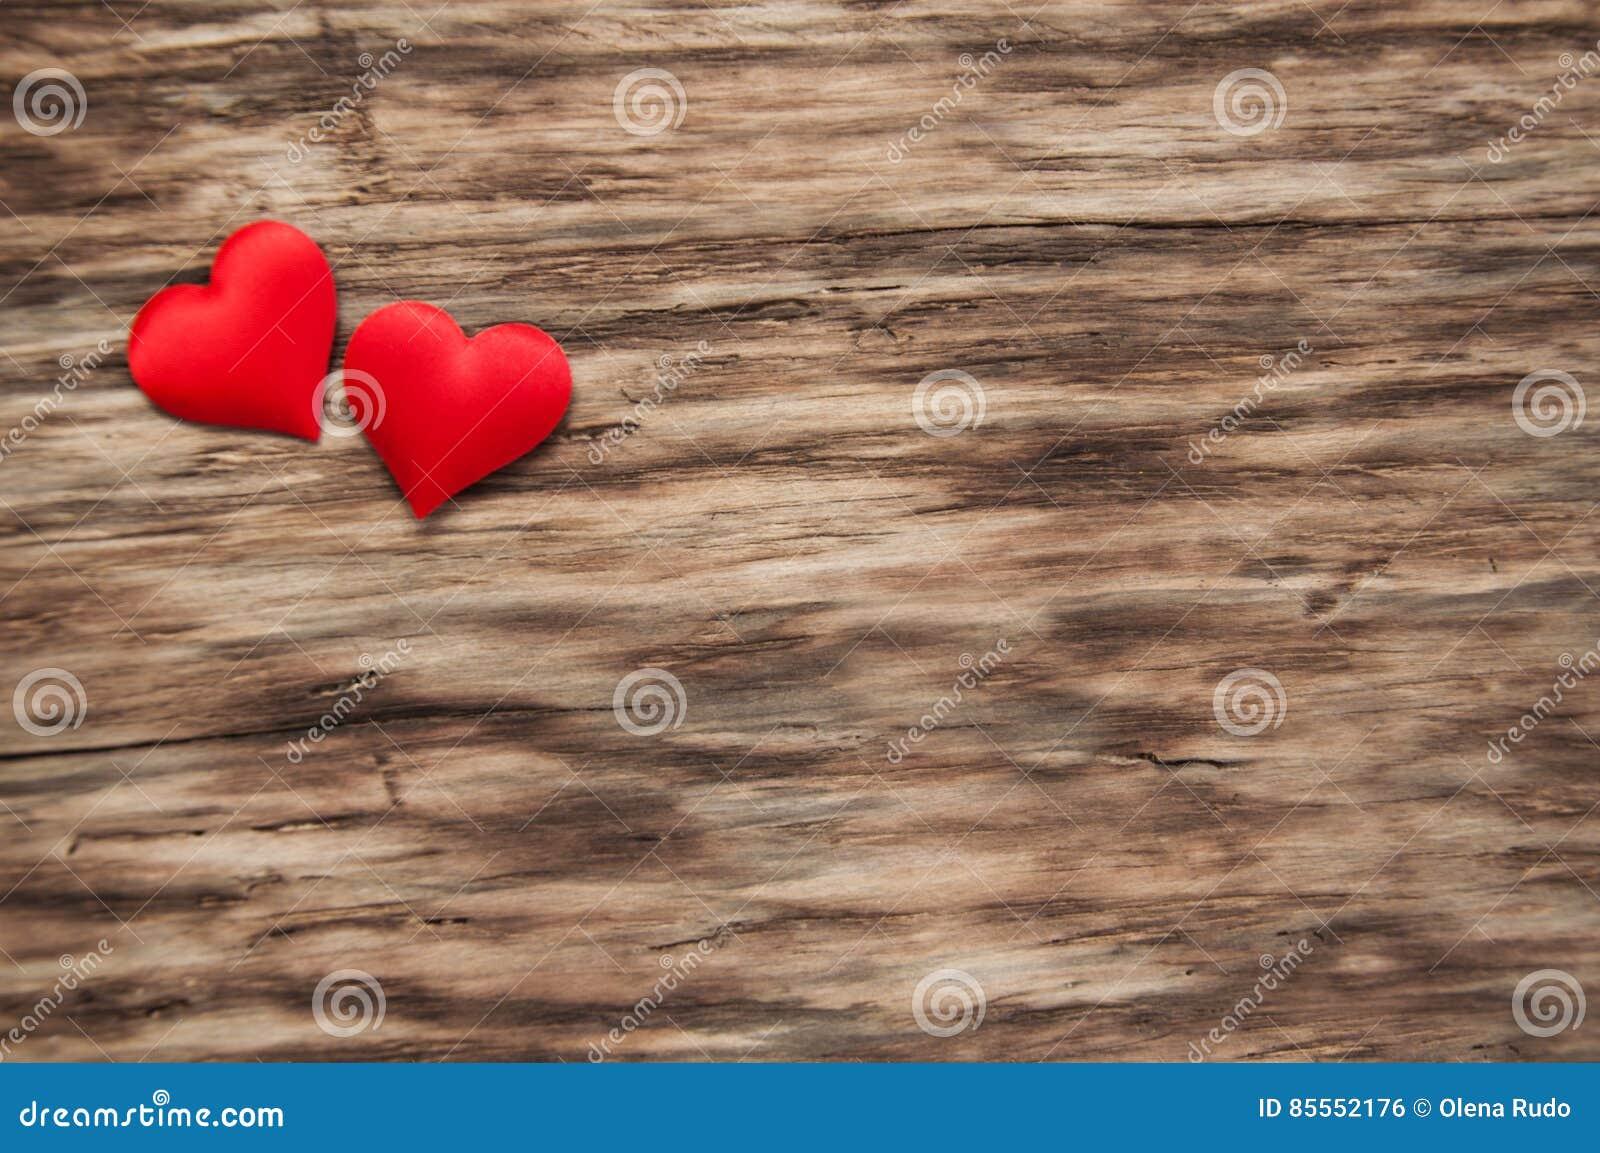 Rote Herzen auf einem hölzernen Hintergrund